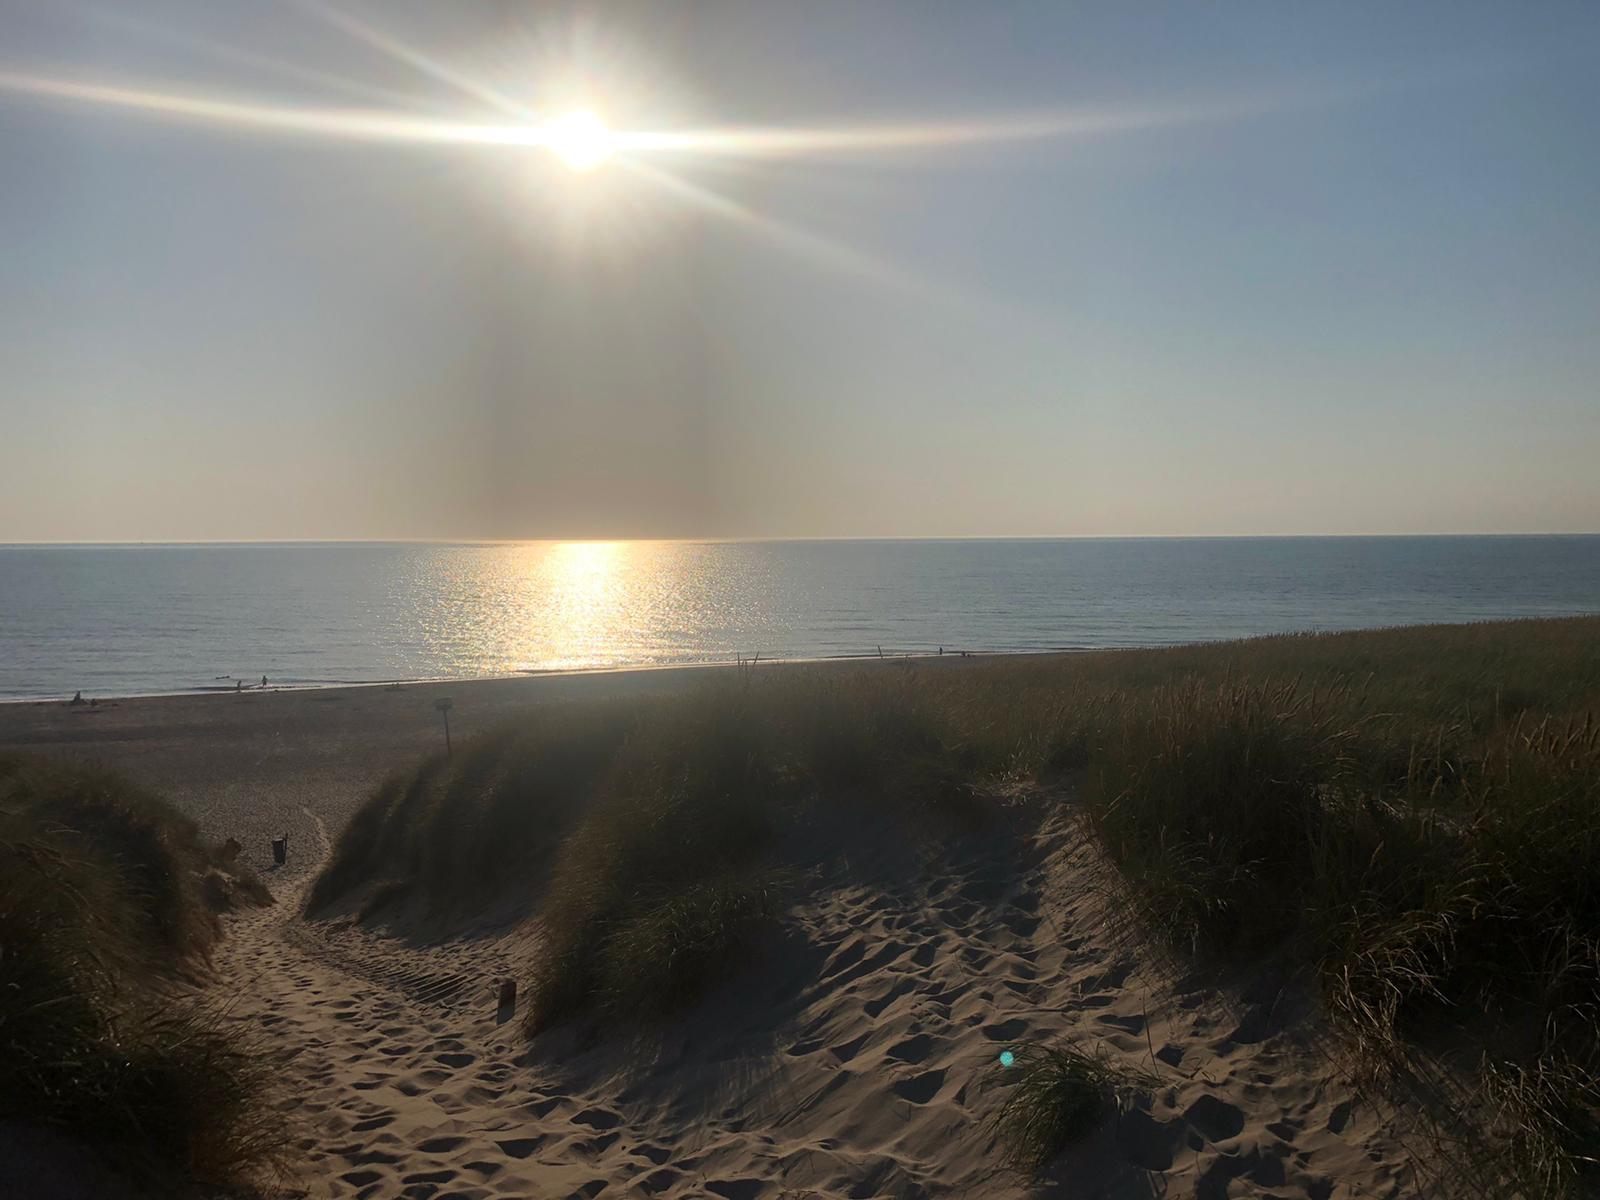 Dänemark-Rundreise im Sommer 2020: Hvide Sande